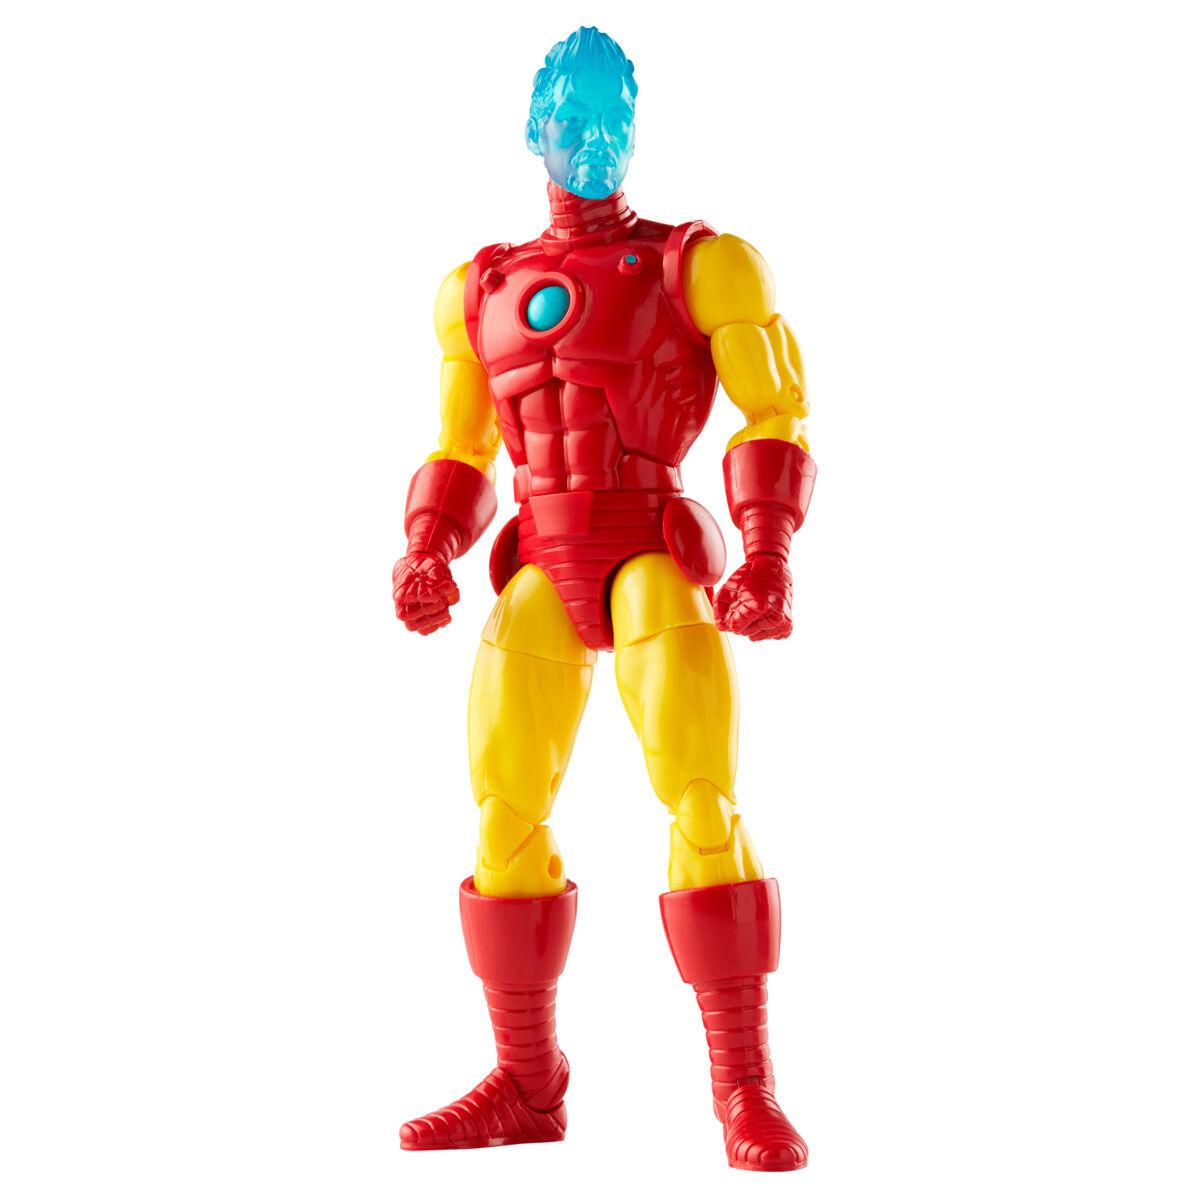 Figura Tony Stark A.I. Iron Man Marvel 15cm 5010993785780